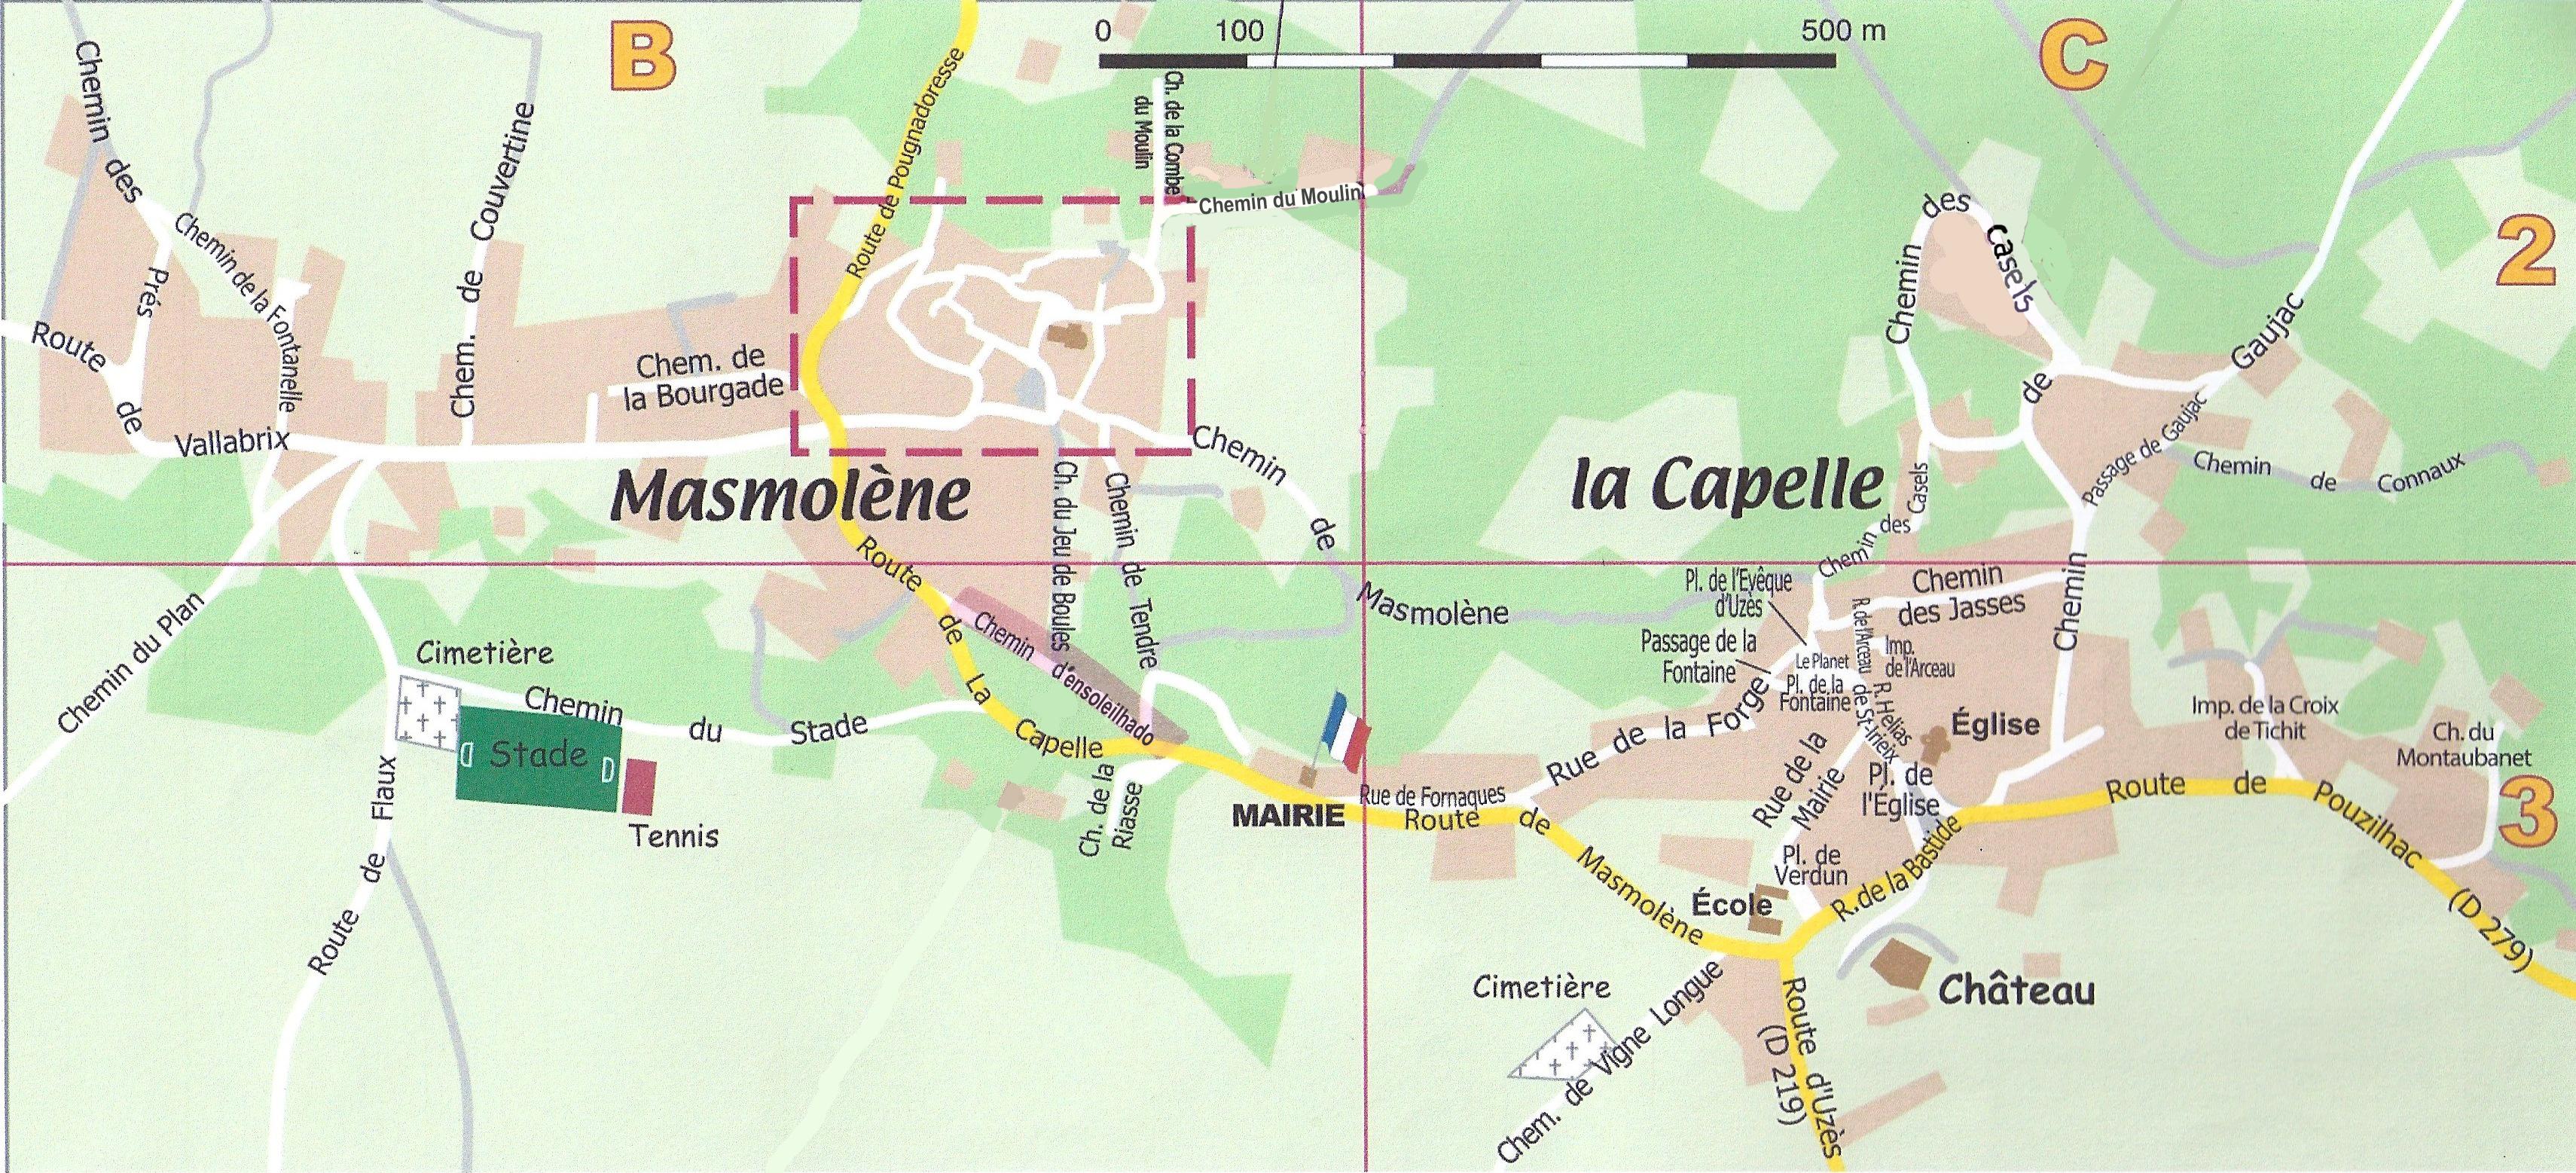 Masmolène La Capelle Plan